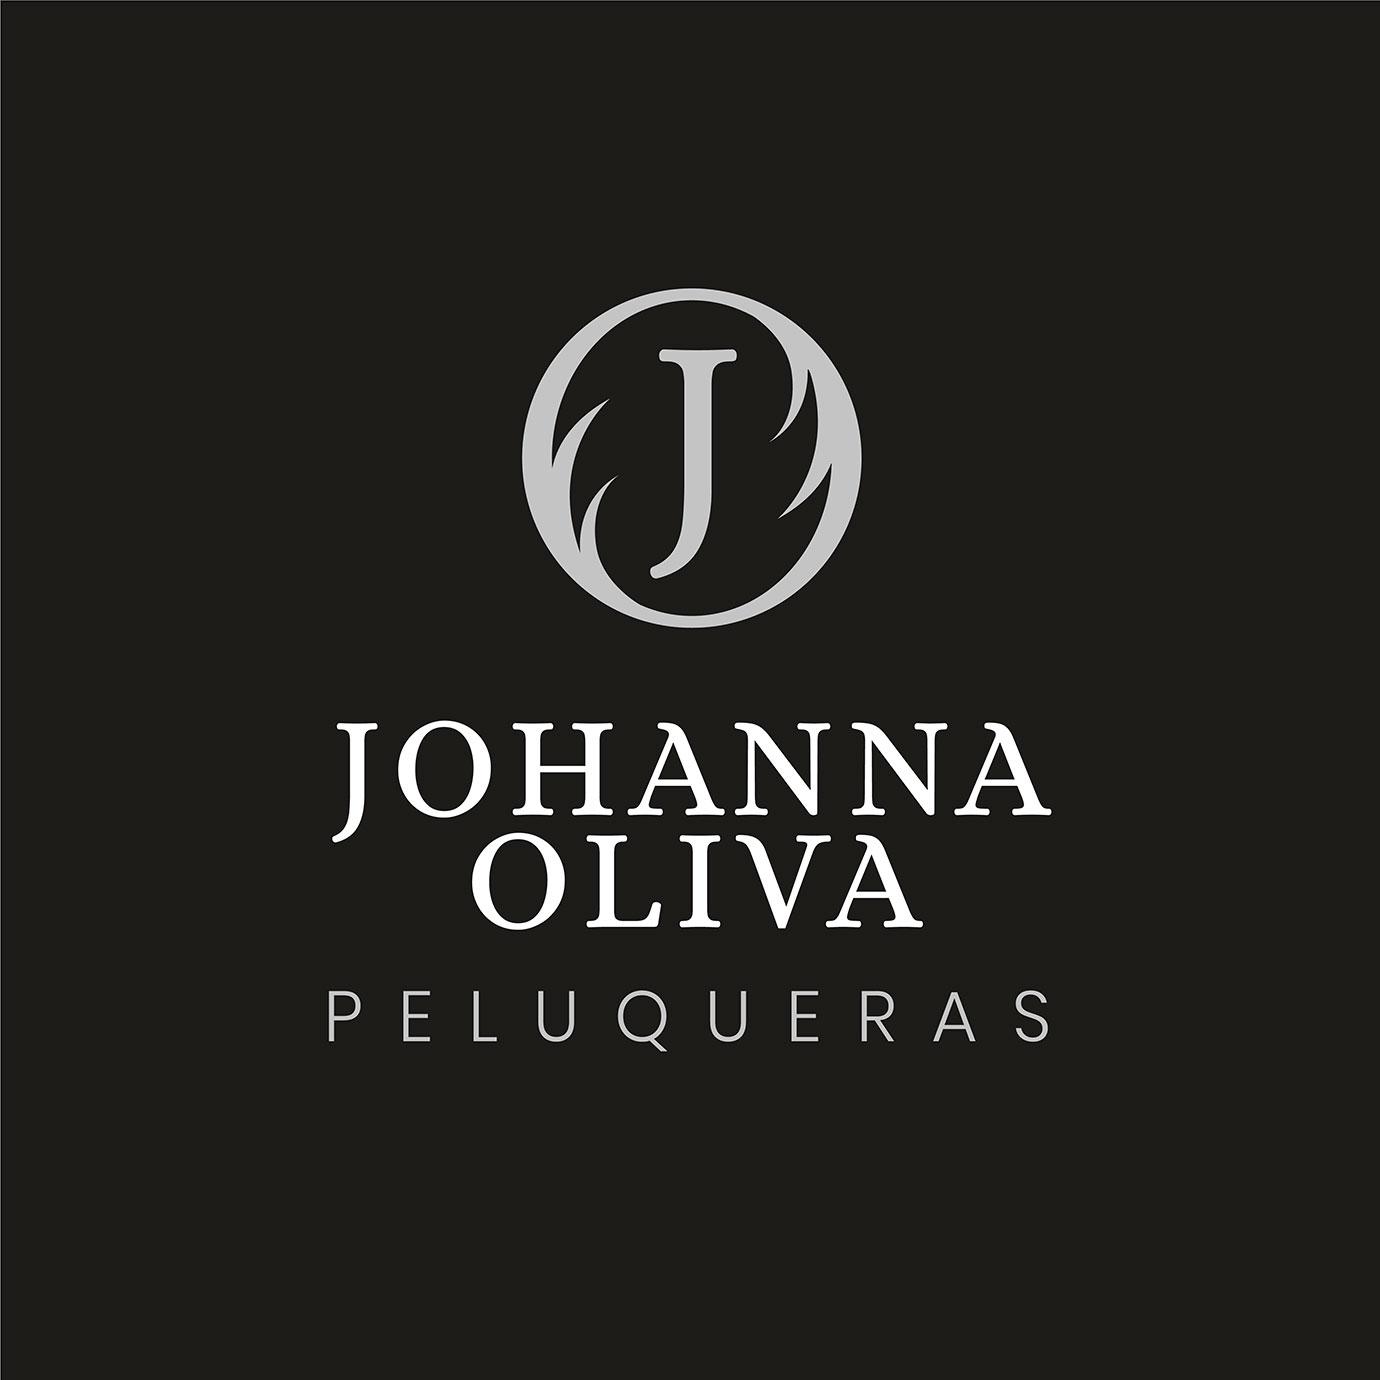 logo-peluqueria-johanna-oliva